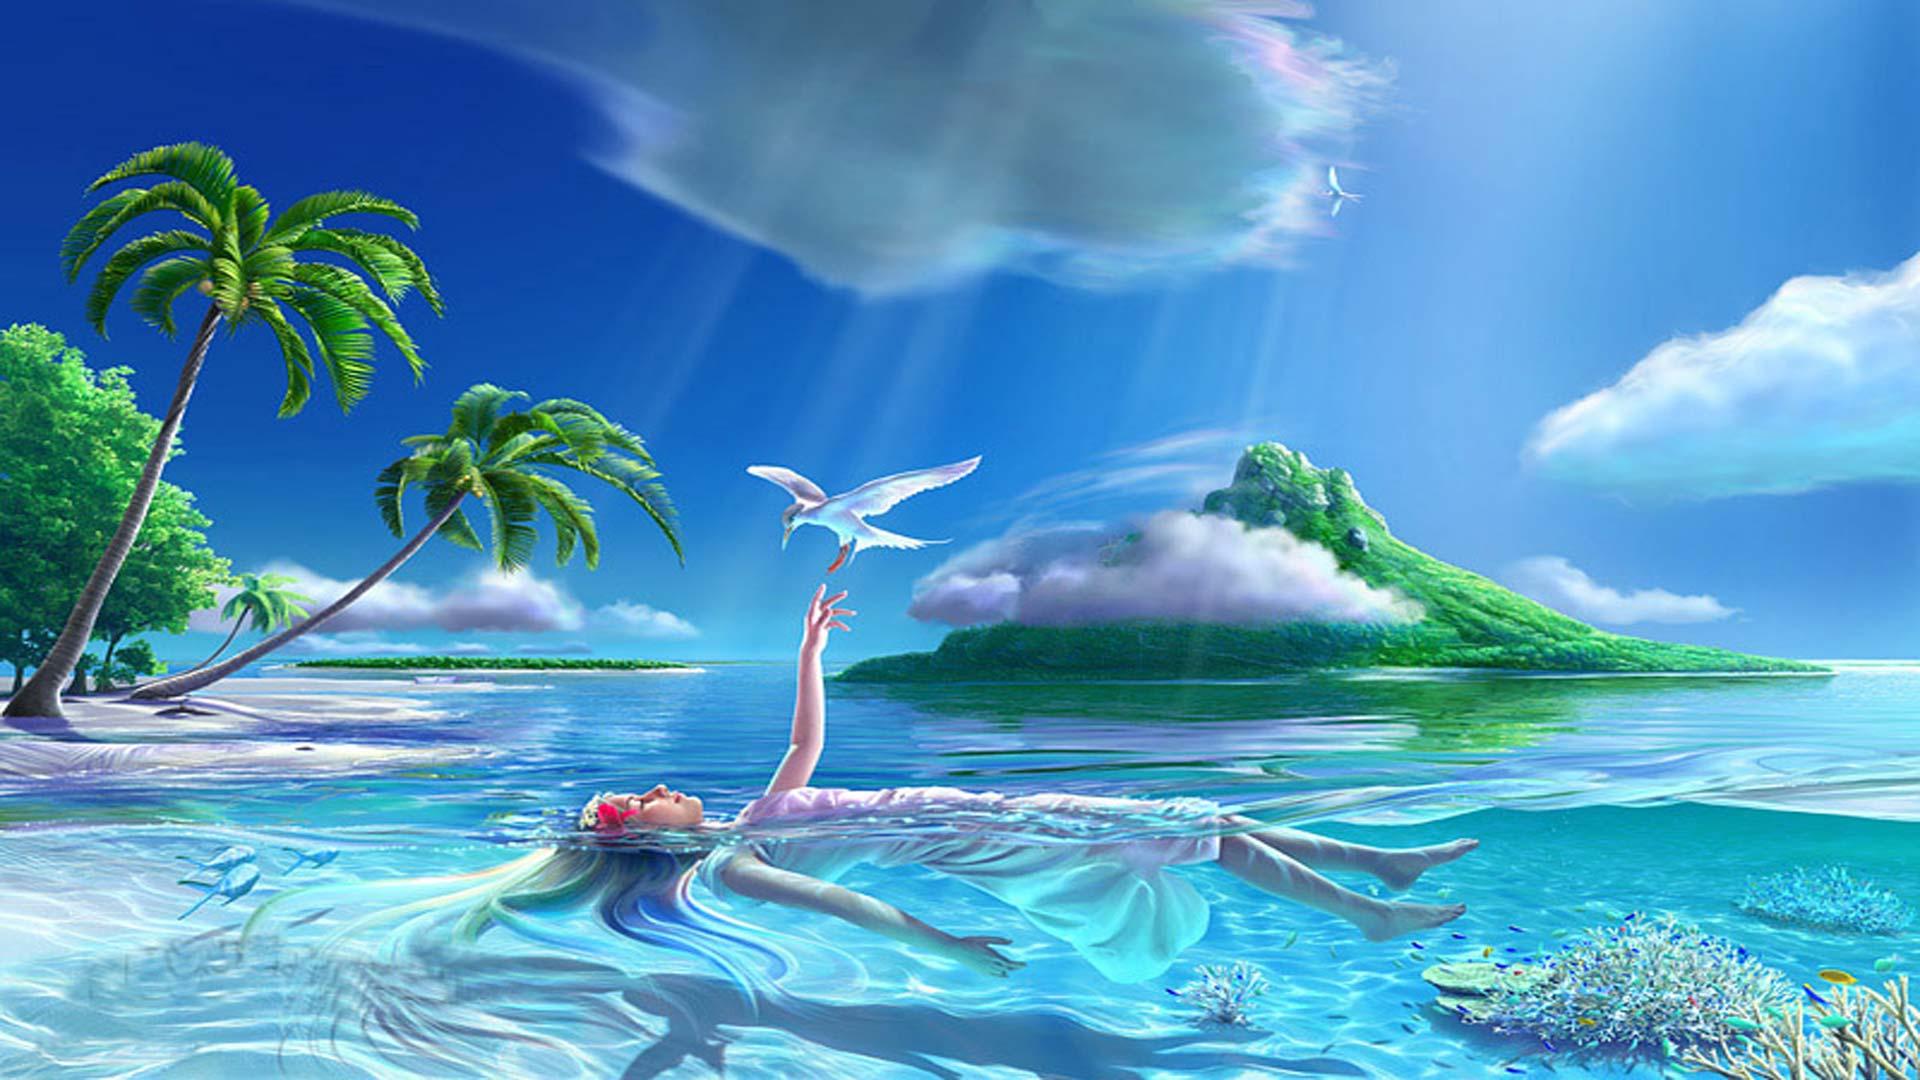 Fotos de paisajes para descargar para fondo de pantalla for Fondos de piscinas dibujos